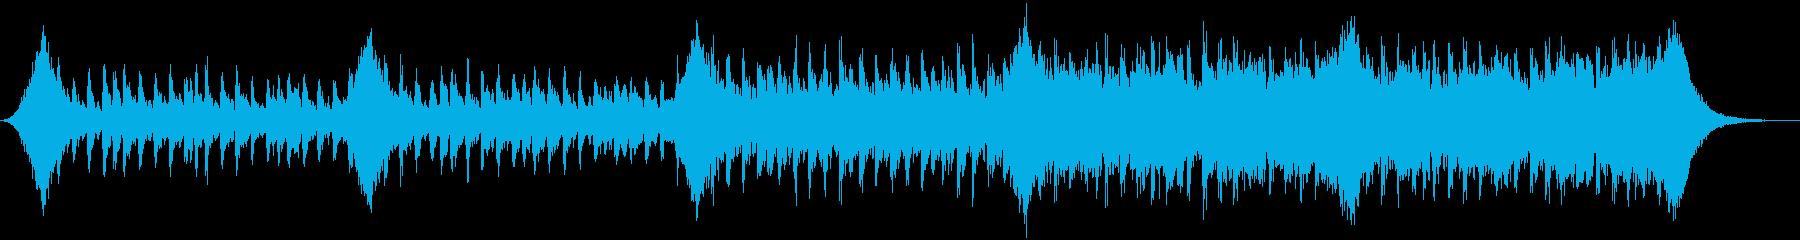 企業VPや映像50、壮大、オーケストラbの再生済みの波形